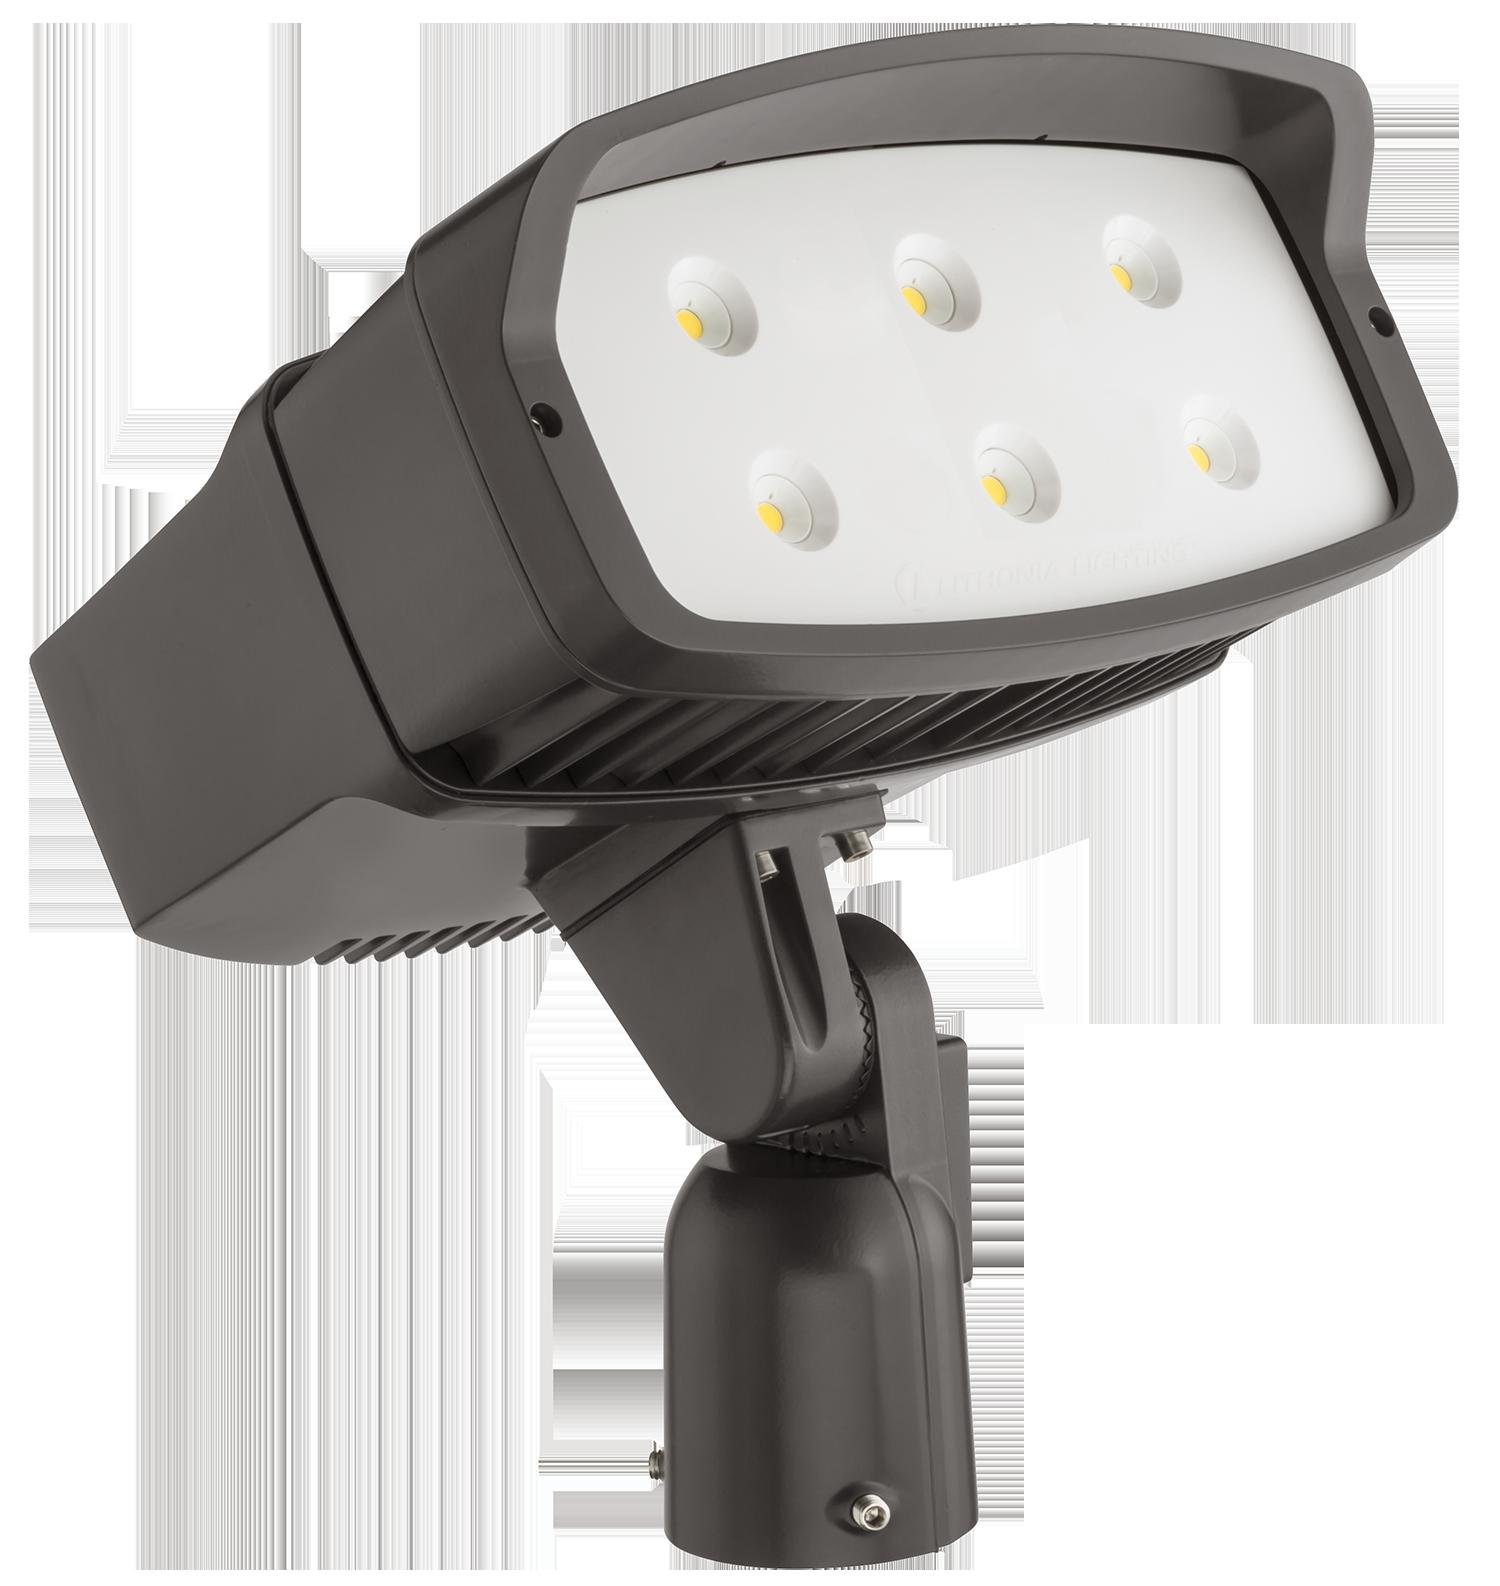 OFL2 LED Floodlight - LED Flood Luminaire Outdoor Size 2